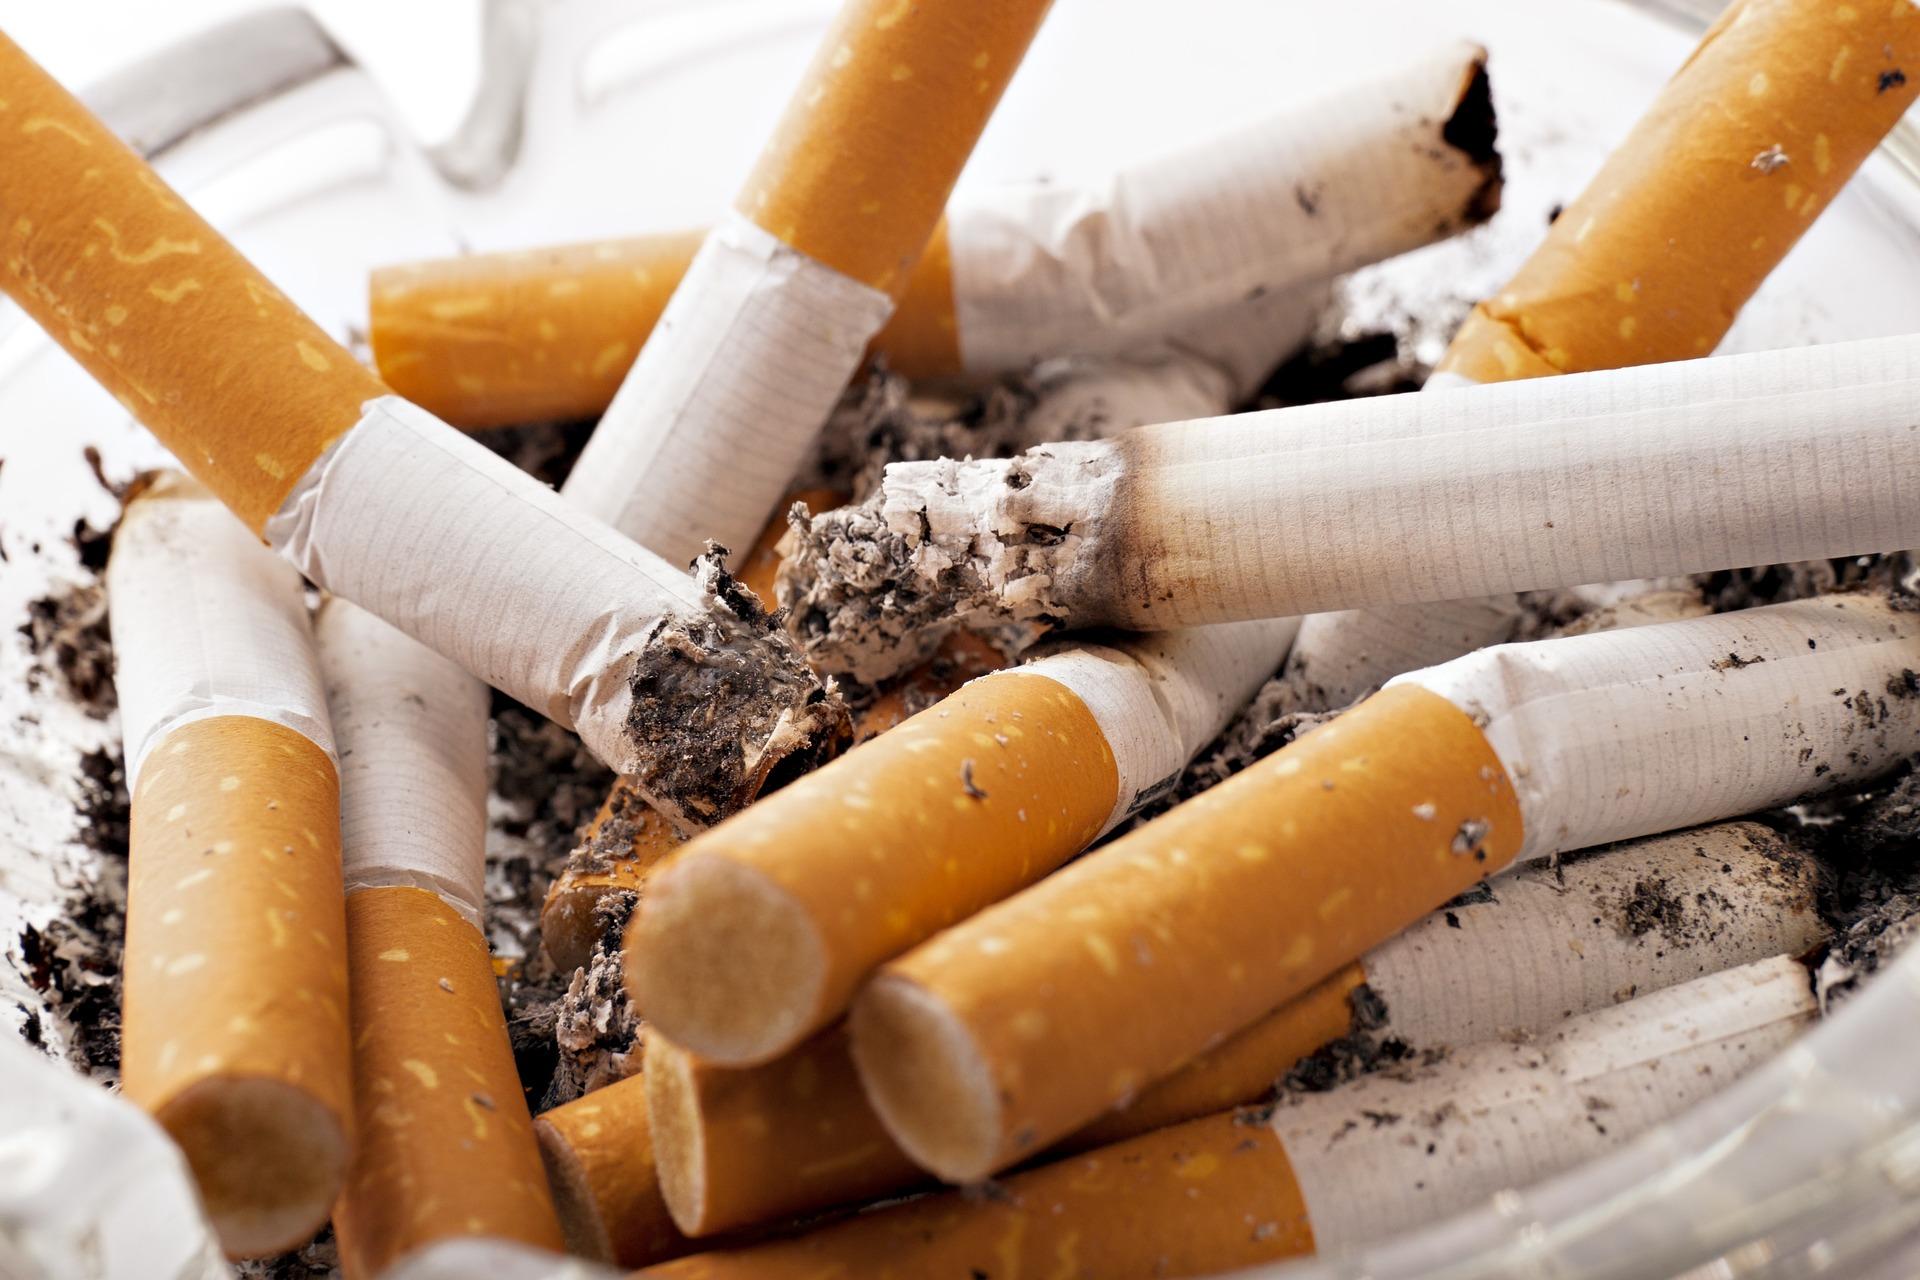 nehéz leszokni a dohányzásról fórum